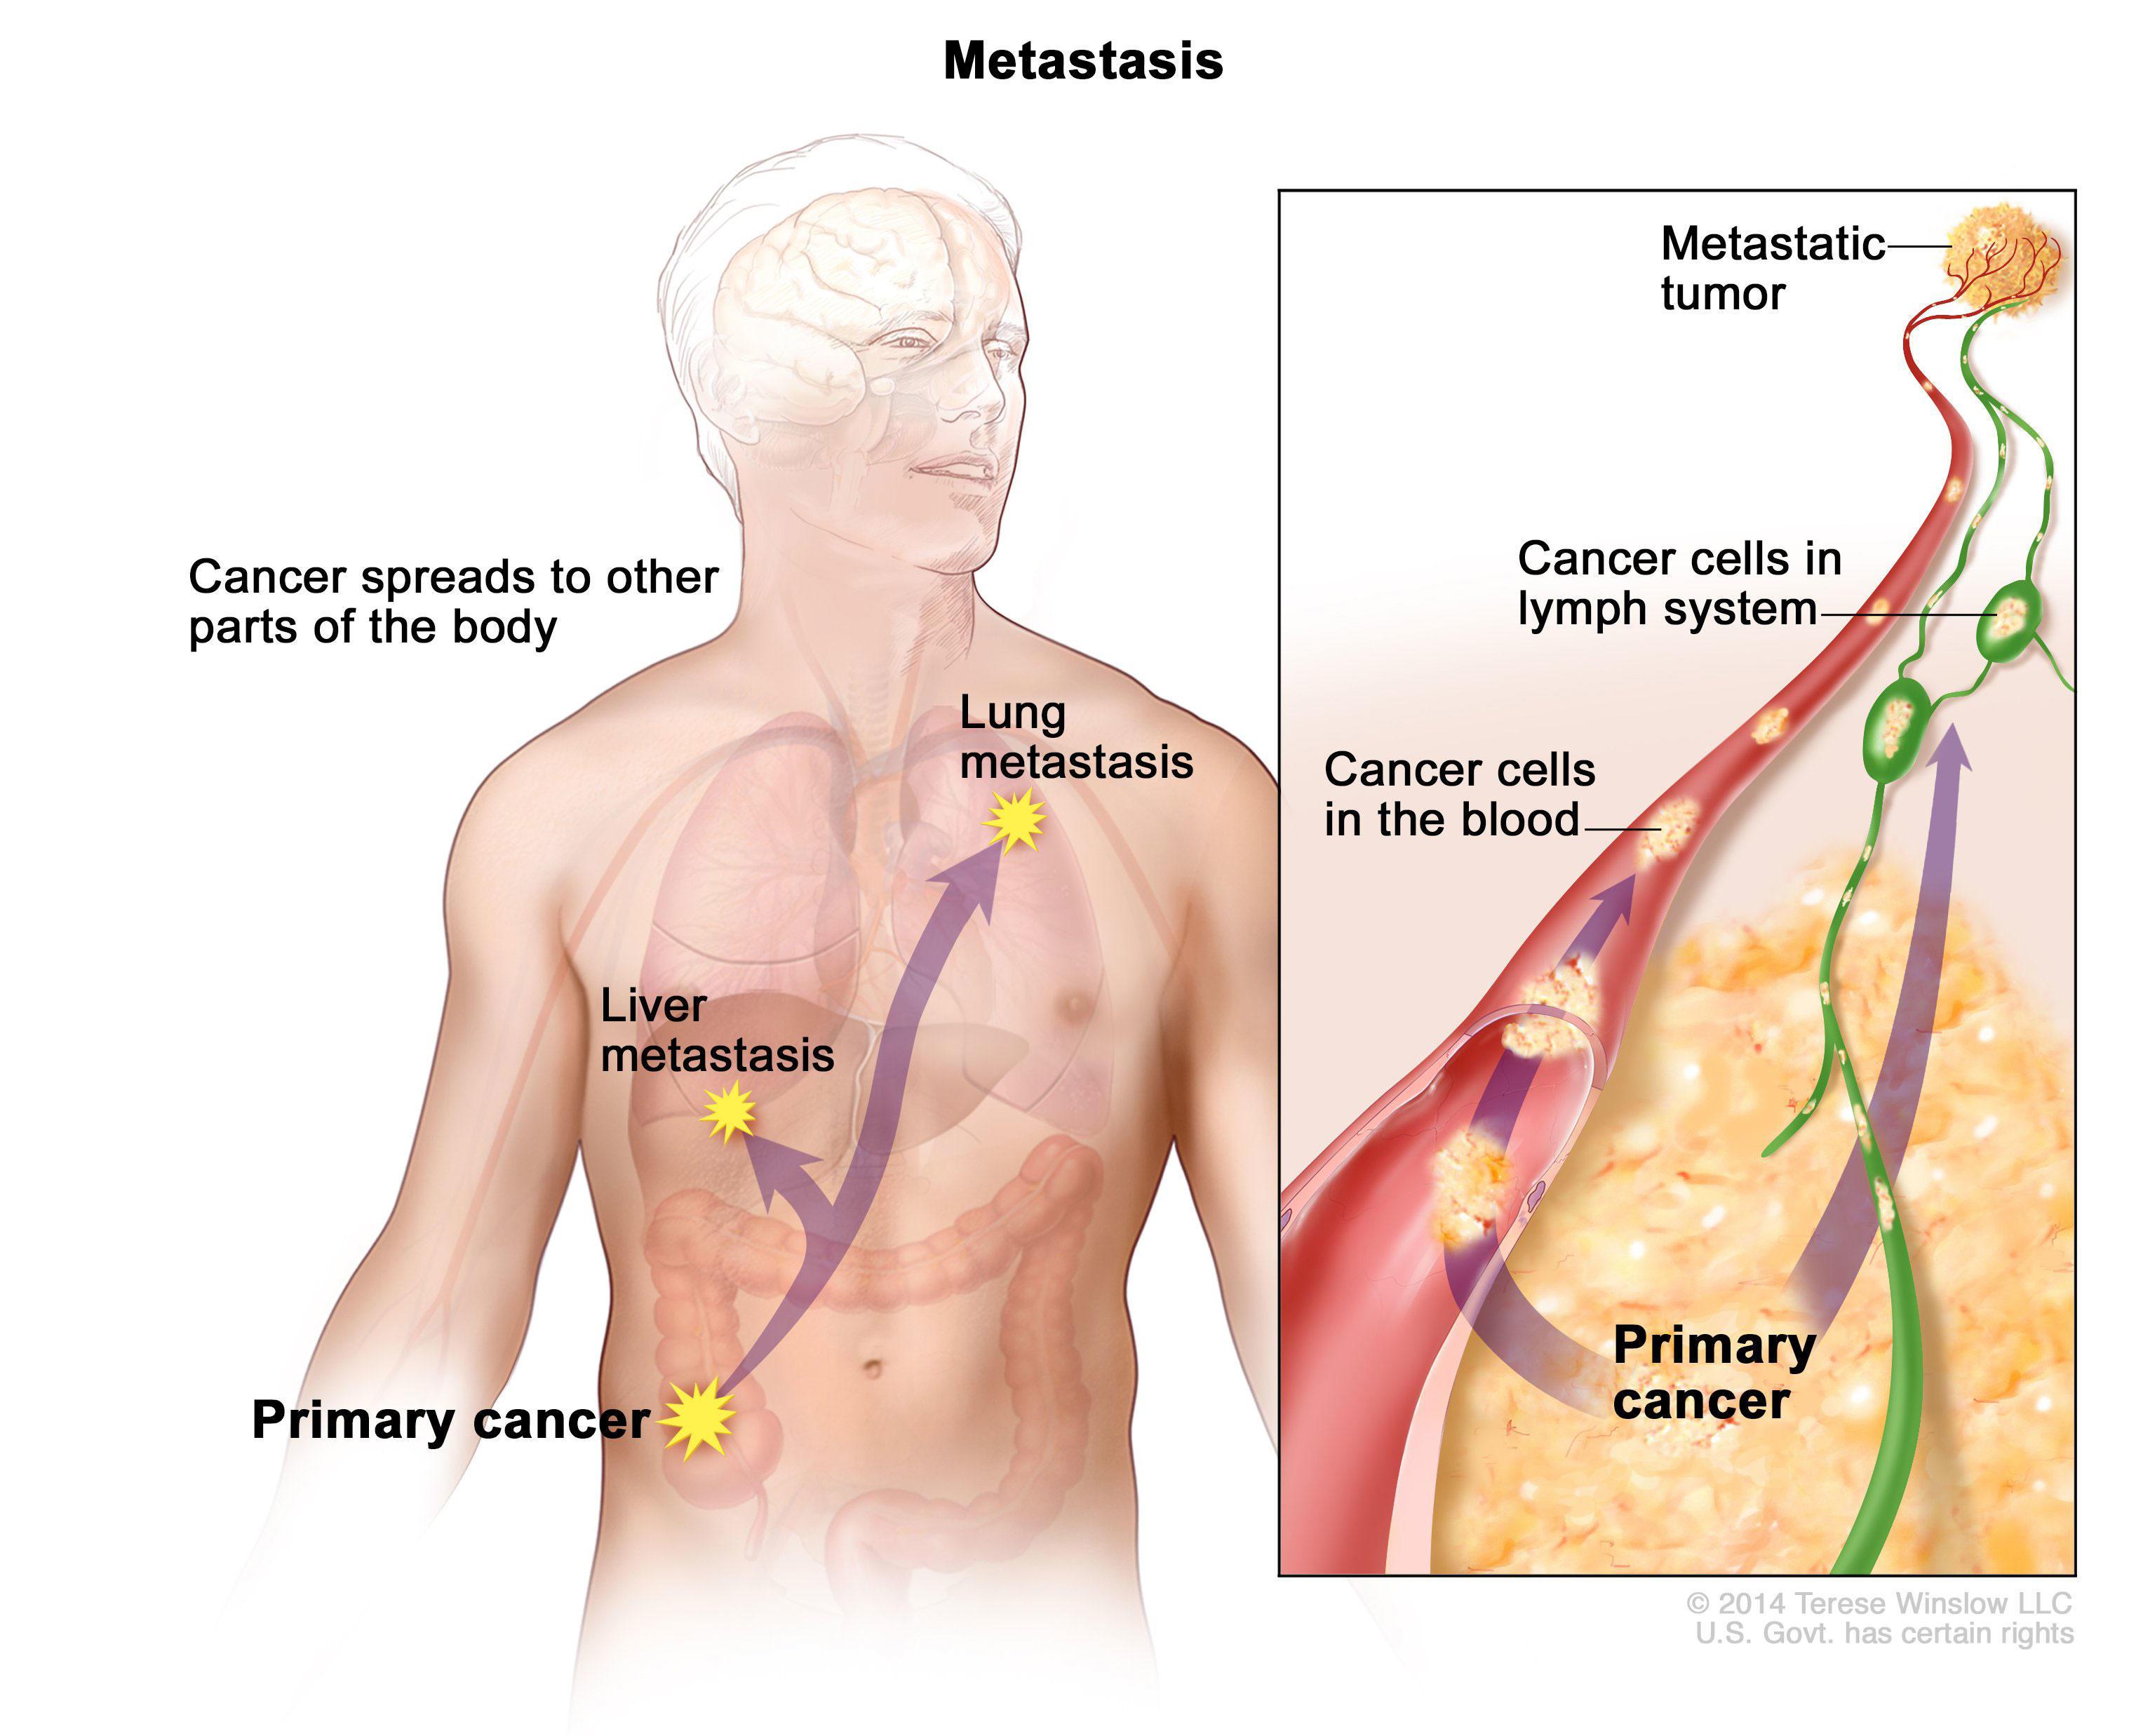 cancer metastatic or